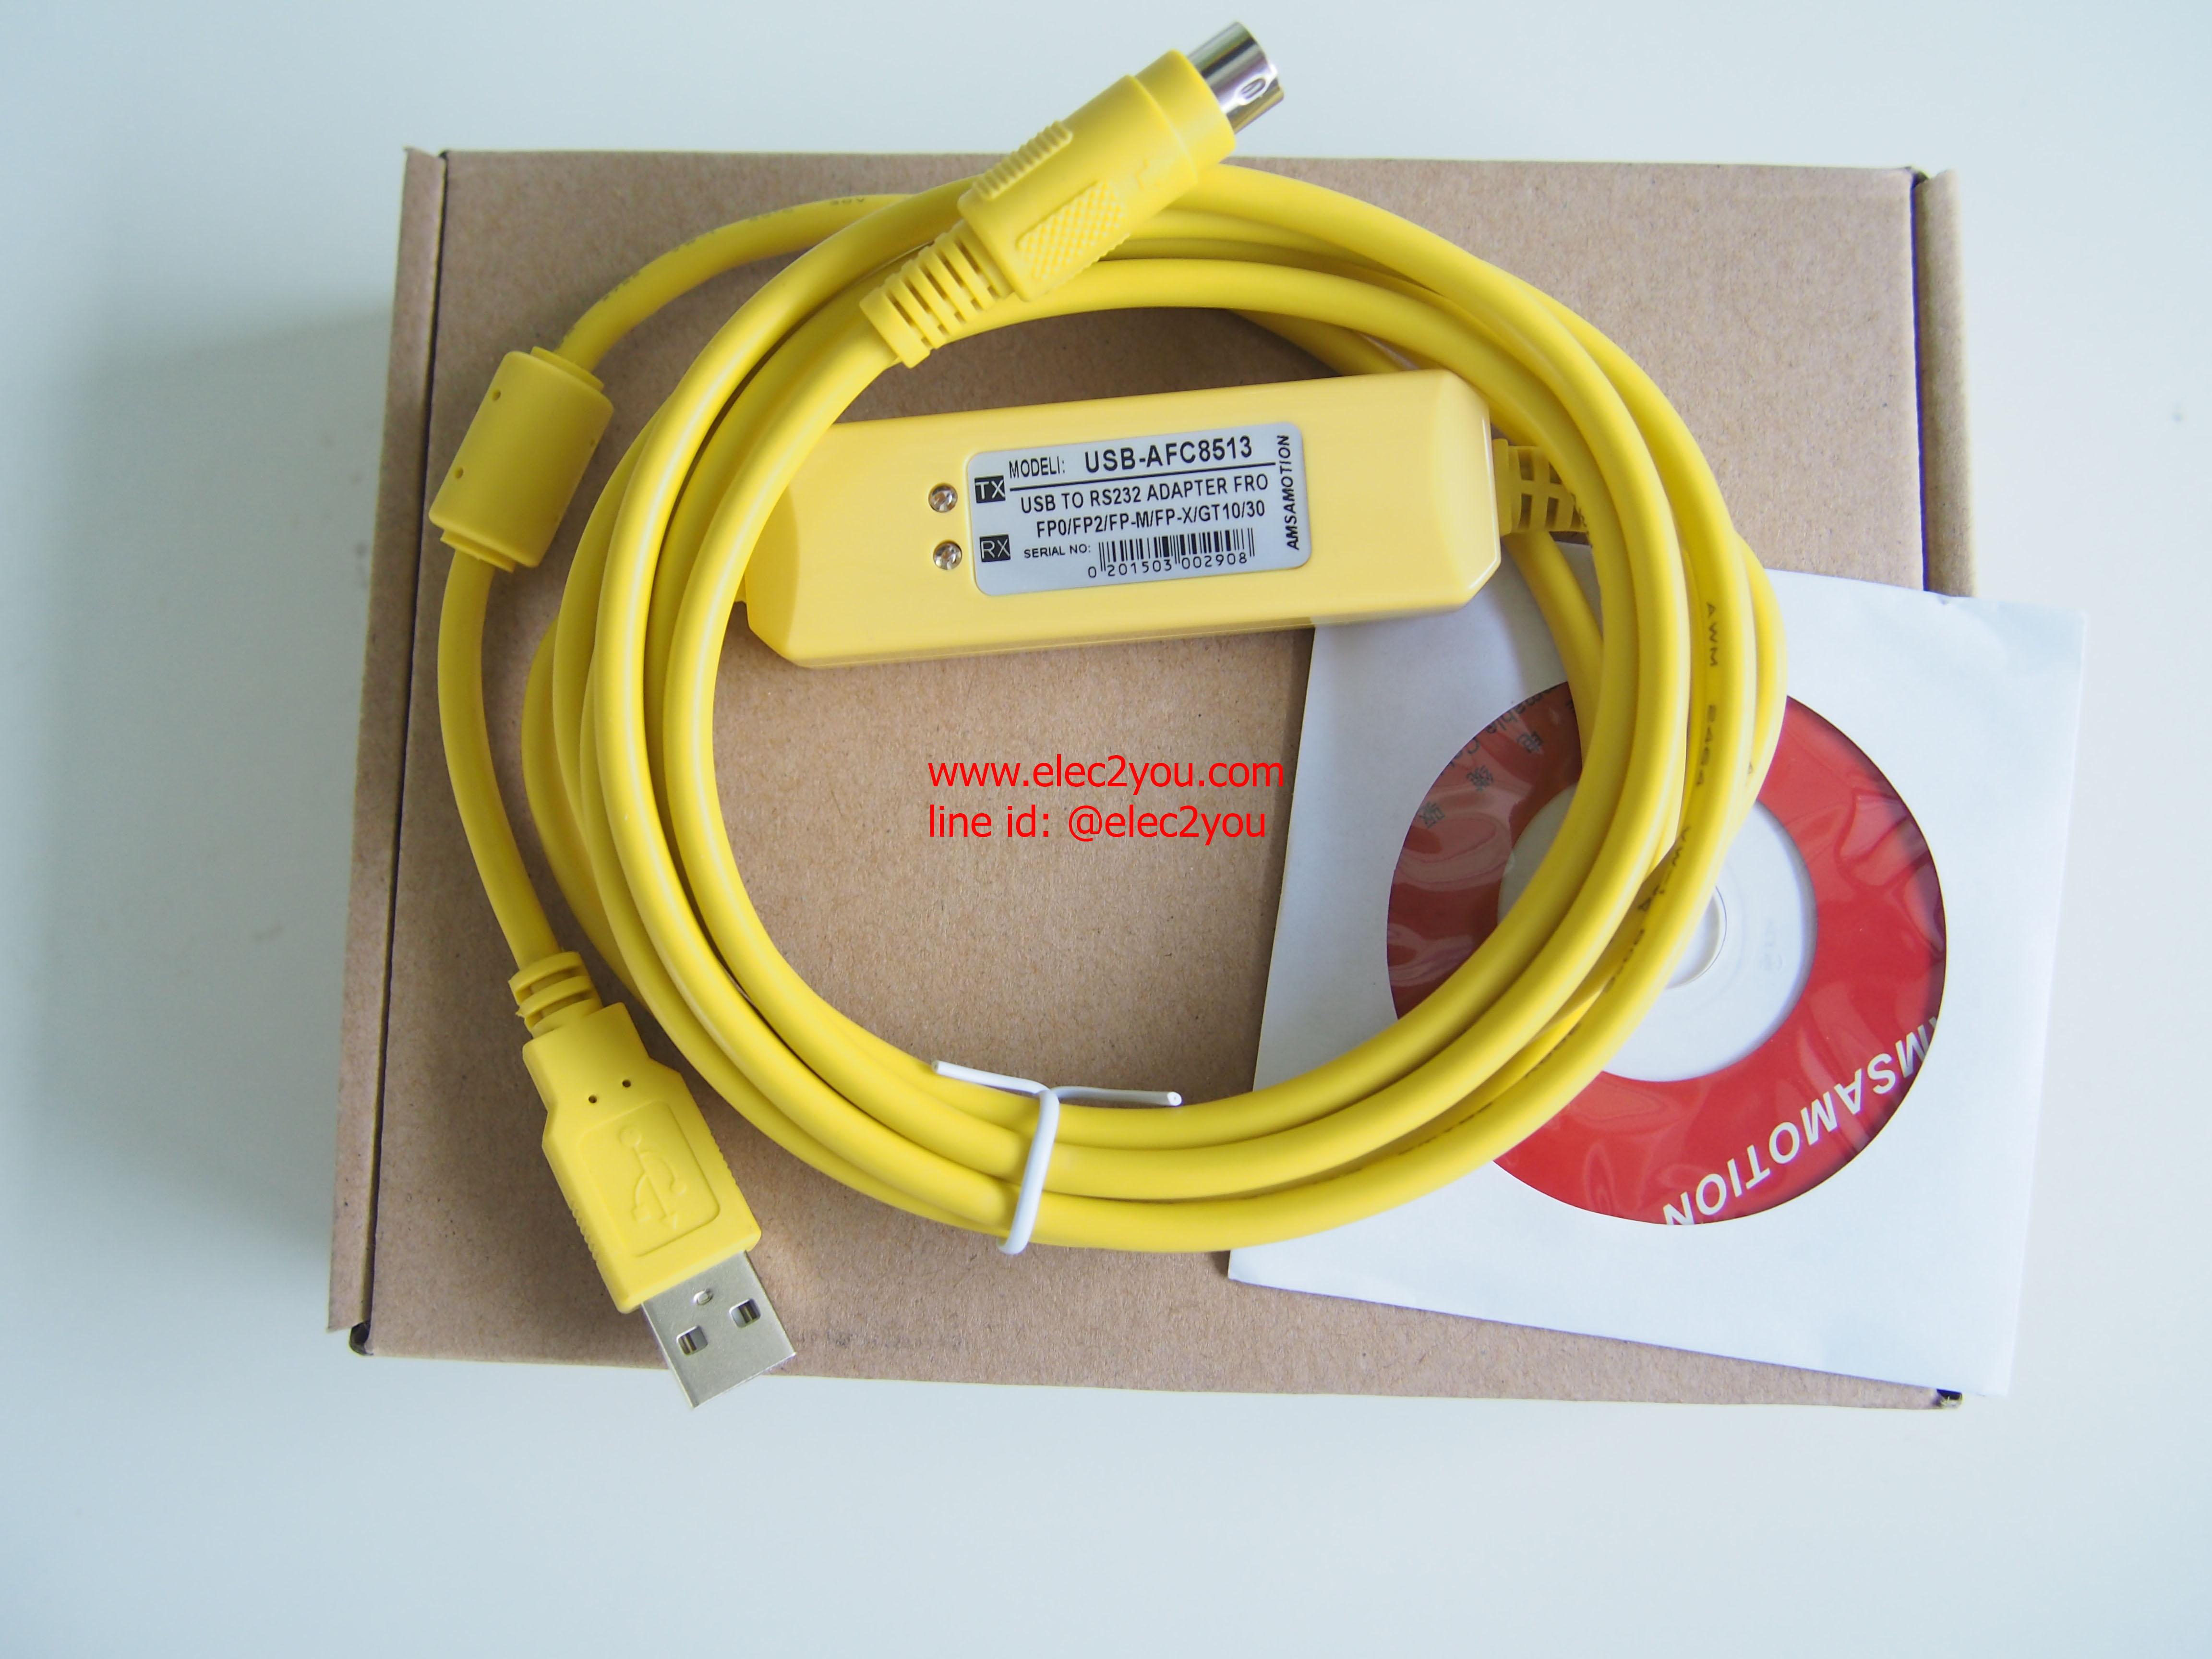 สาย USB-AFC8513 Panasonic FP0 / FP2 / FP-X / FP-M series PLC programming